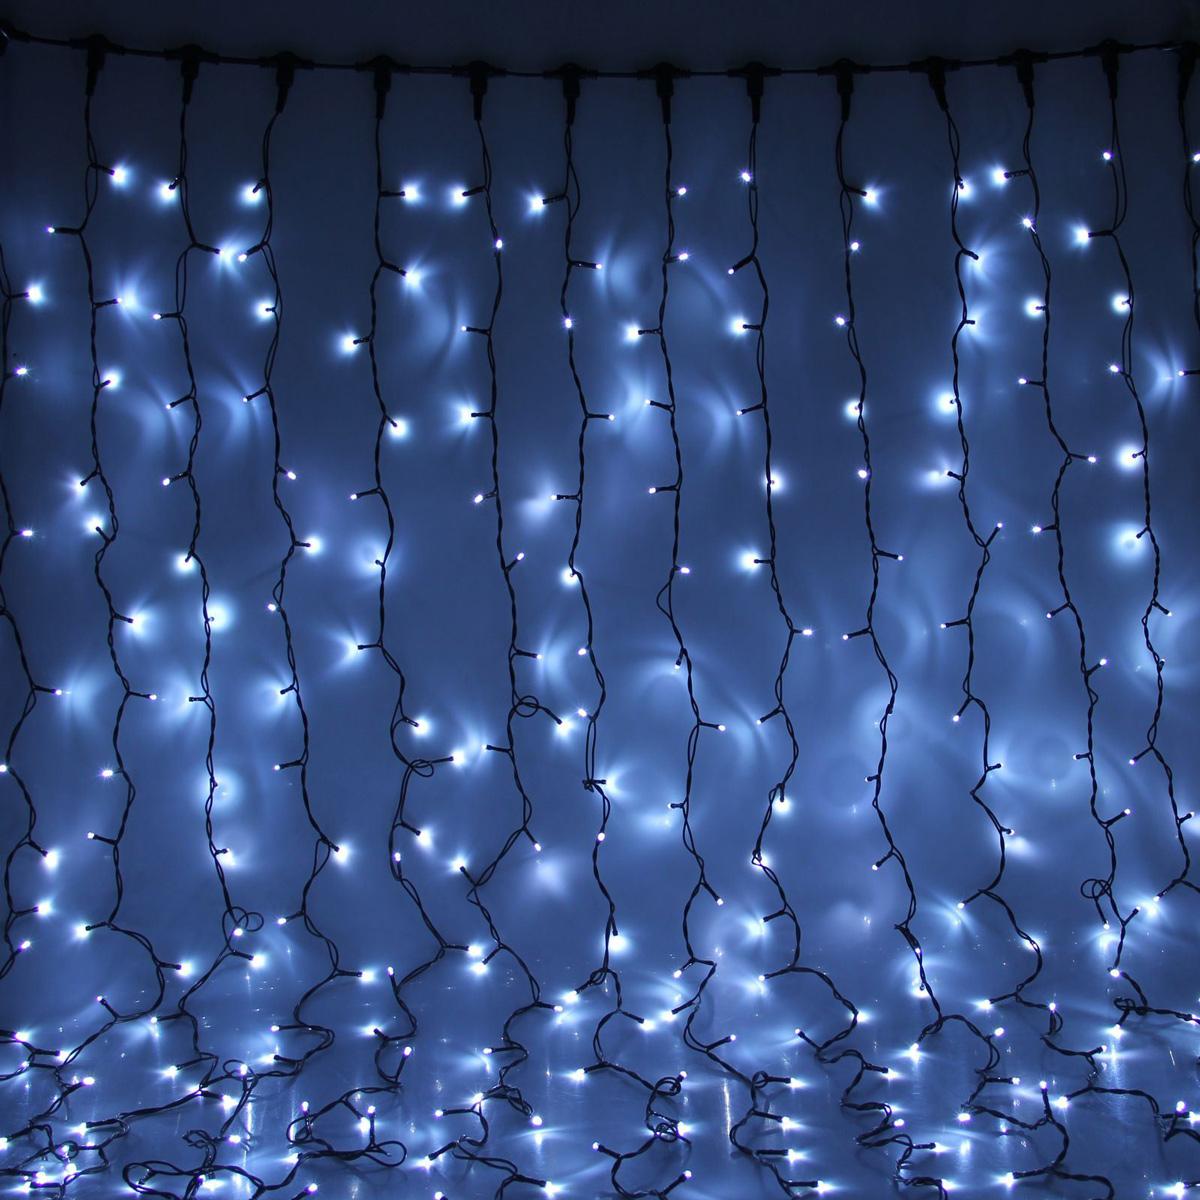 Гирлянда светодиодная Luazon Занавес, цвет: белый, уличная, 1440 ламп, 280-220 V, 2 х 6 м. 10802951080295Светодиодные гирлянды и ленты — это отличный вариант для новогоднего оформления интерьера или фасада. С их помощью помещение любого размера можно превратить в праздничный зал, а внешние элементы зданий, украшенные ими, мгновенно станут напоминать очертания сказочного дворца. Такие украшения создают ауру предвкушения чуда. Деревья, фасады, витрины, окна и арки будто специально созданы, чтобы вы украсили их светящимися нитями.